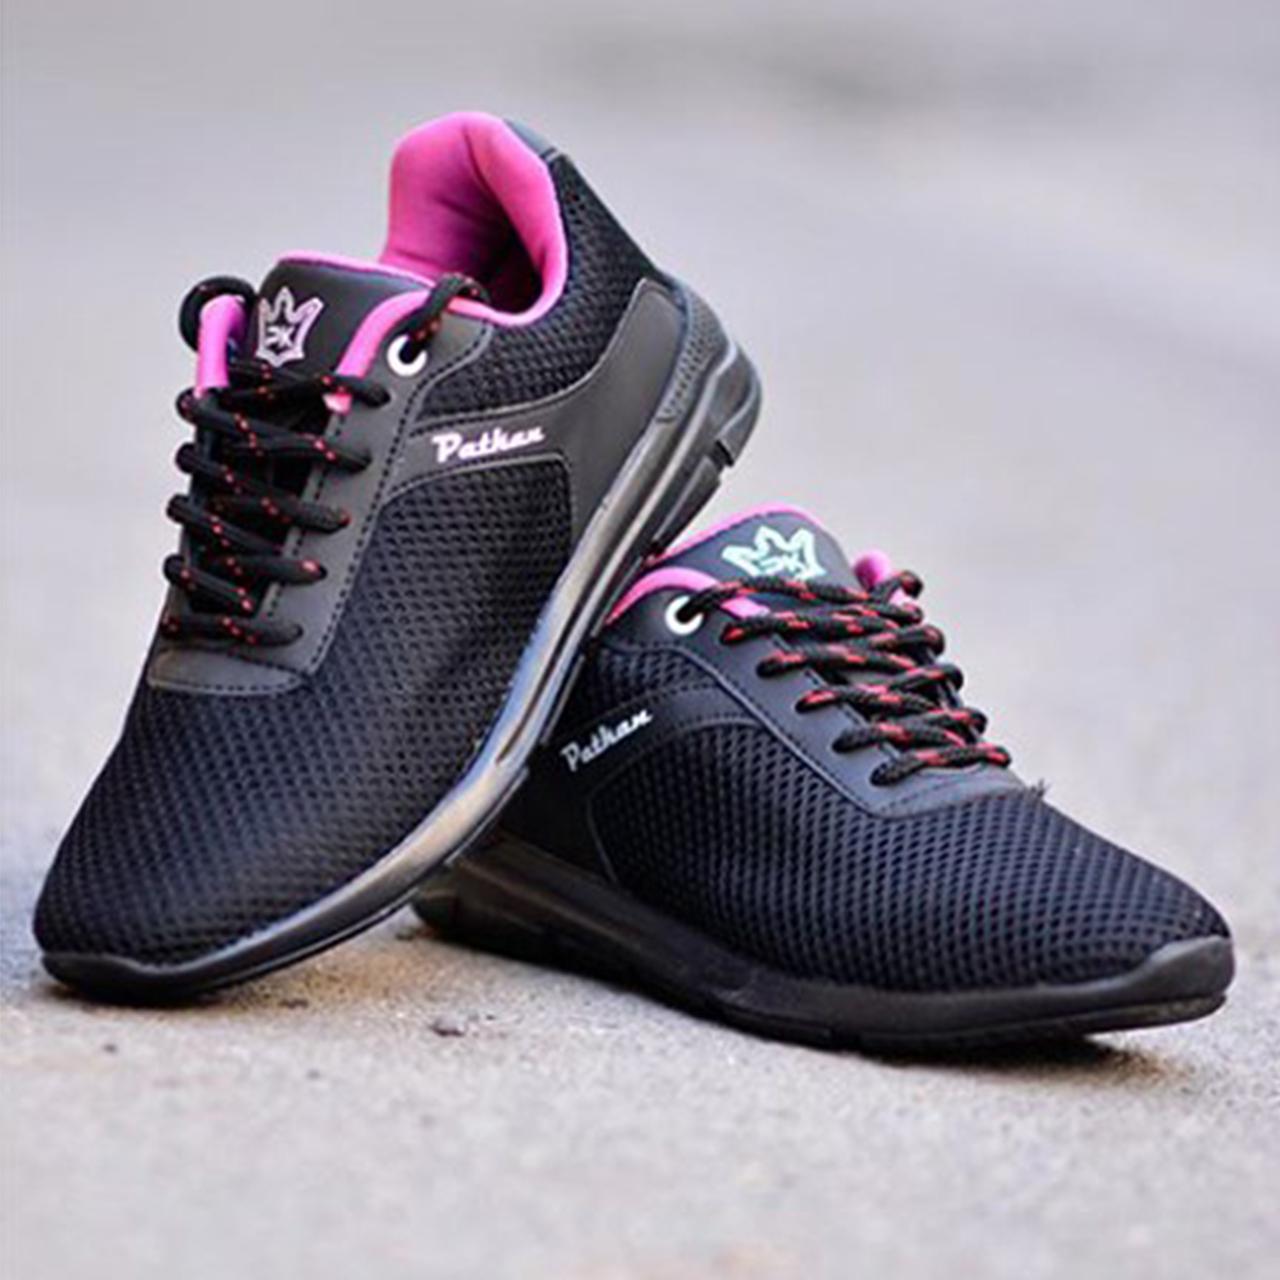 خرید کفش مخصوص پیاده روی زنانه مهاجر مدل m47m